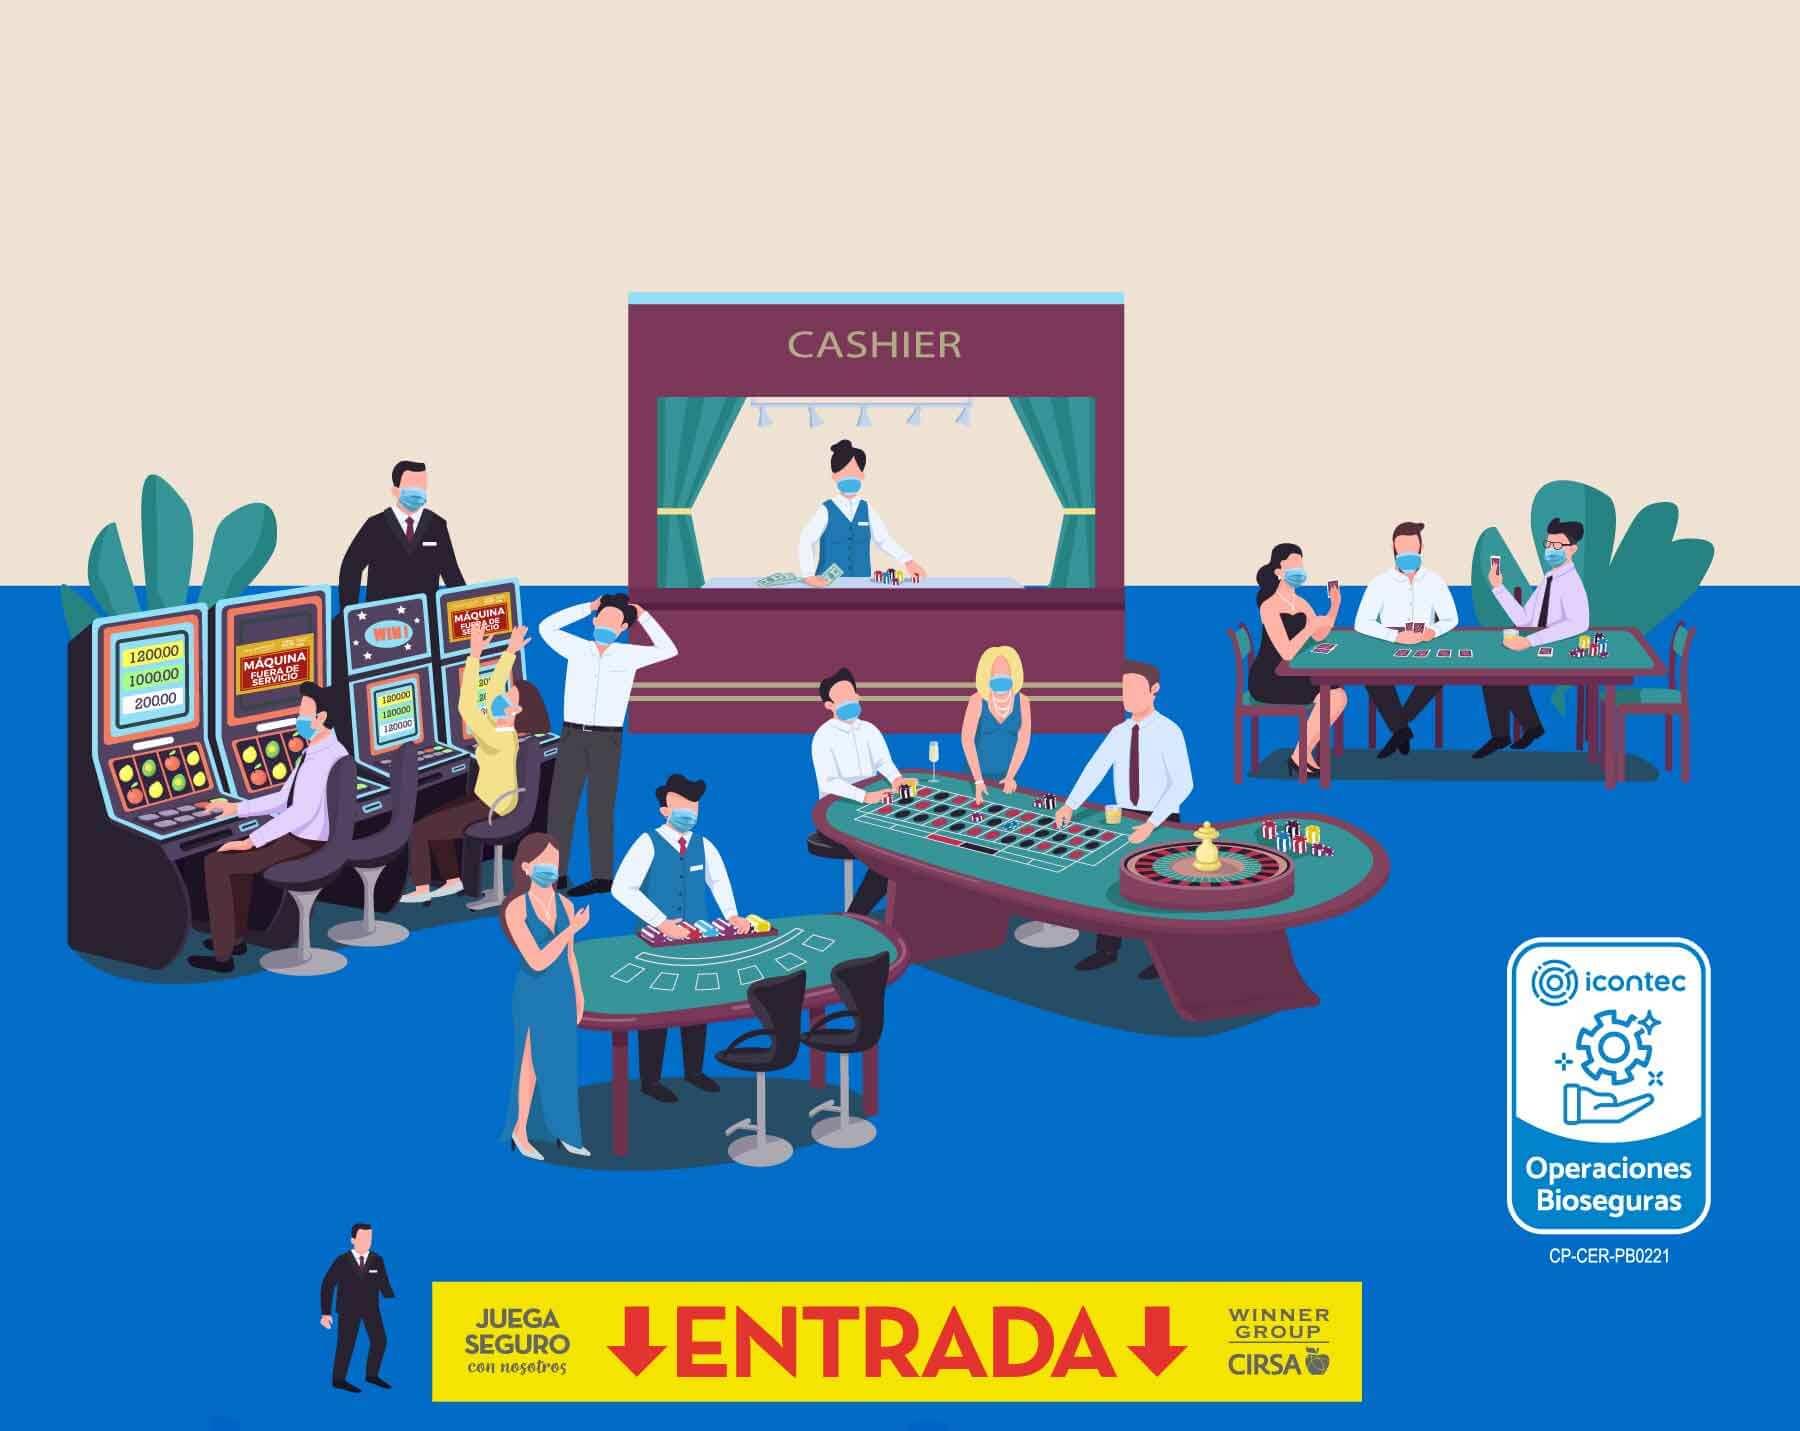 ¡Broadway Casino en Medellín, un lugar para divertirse y jugar seguro -